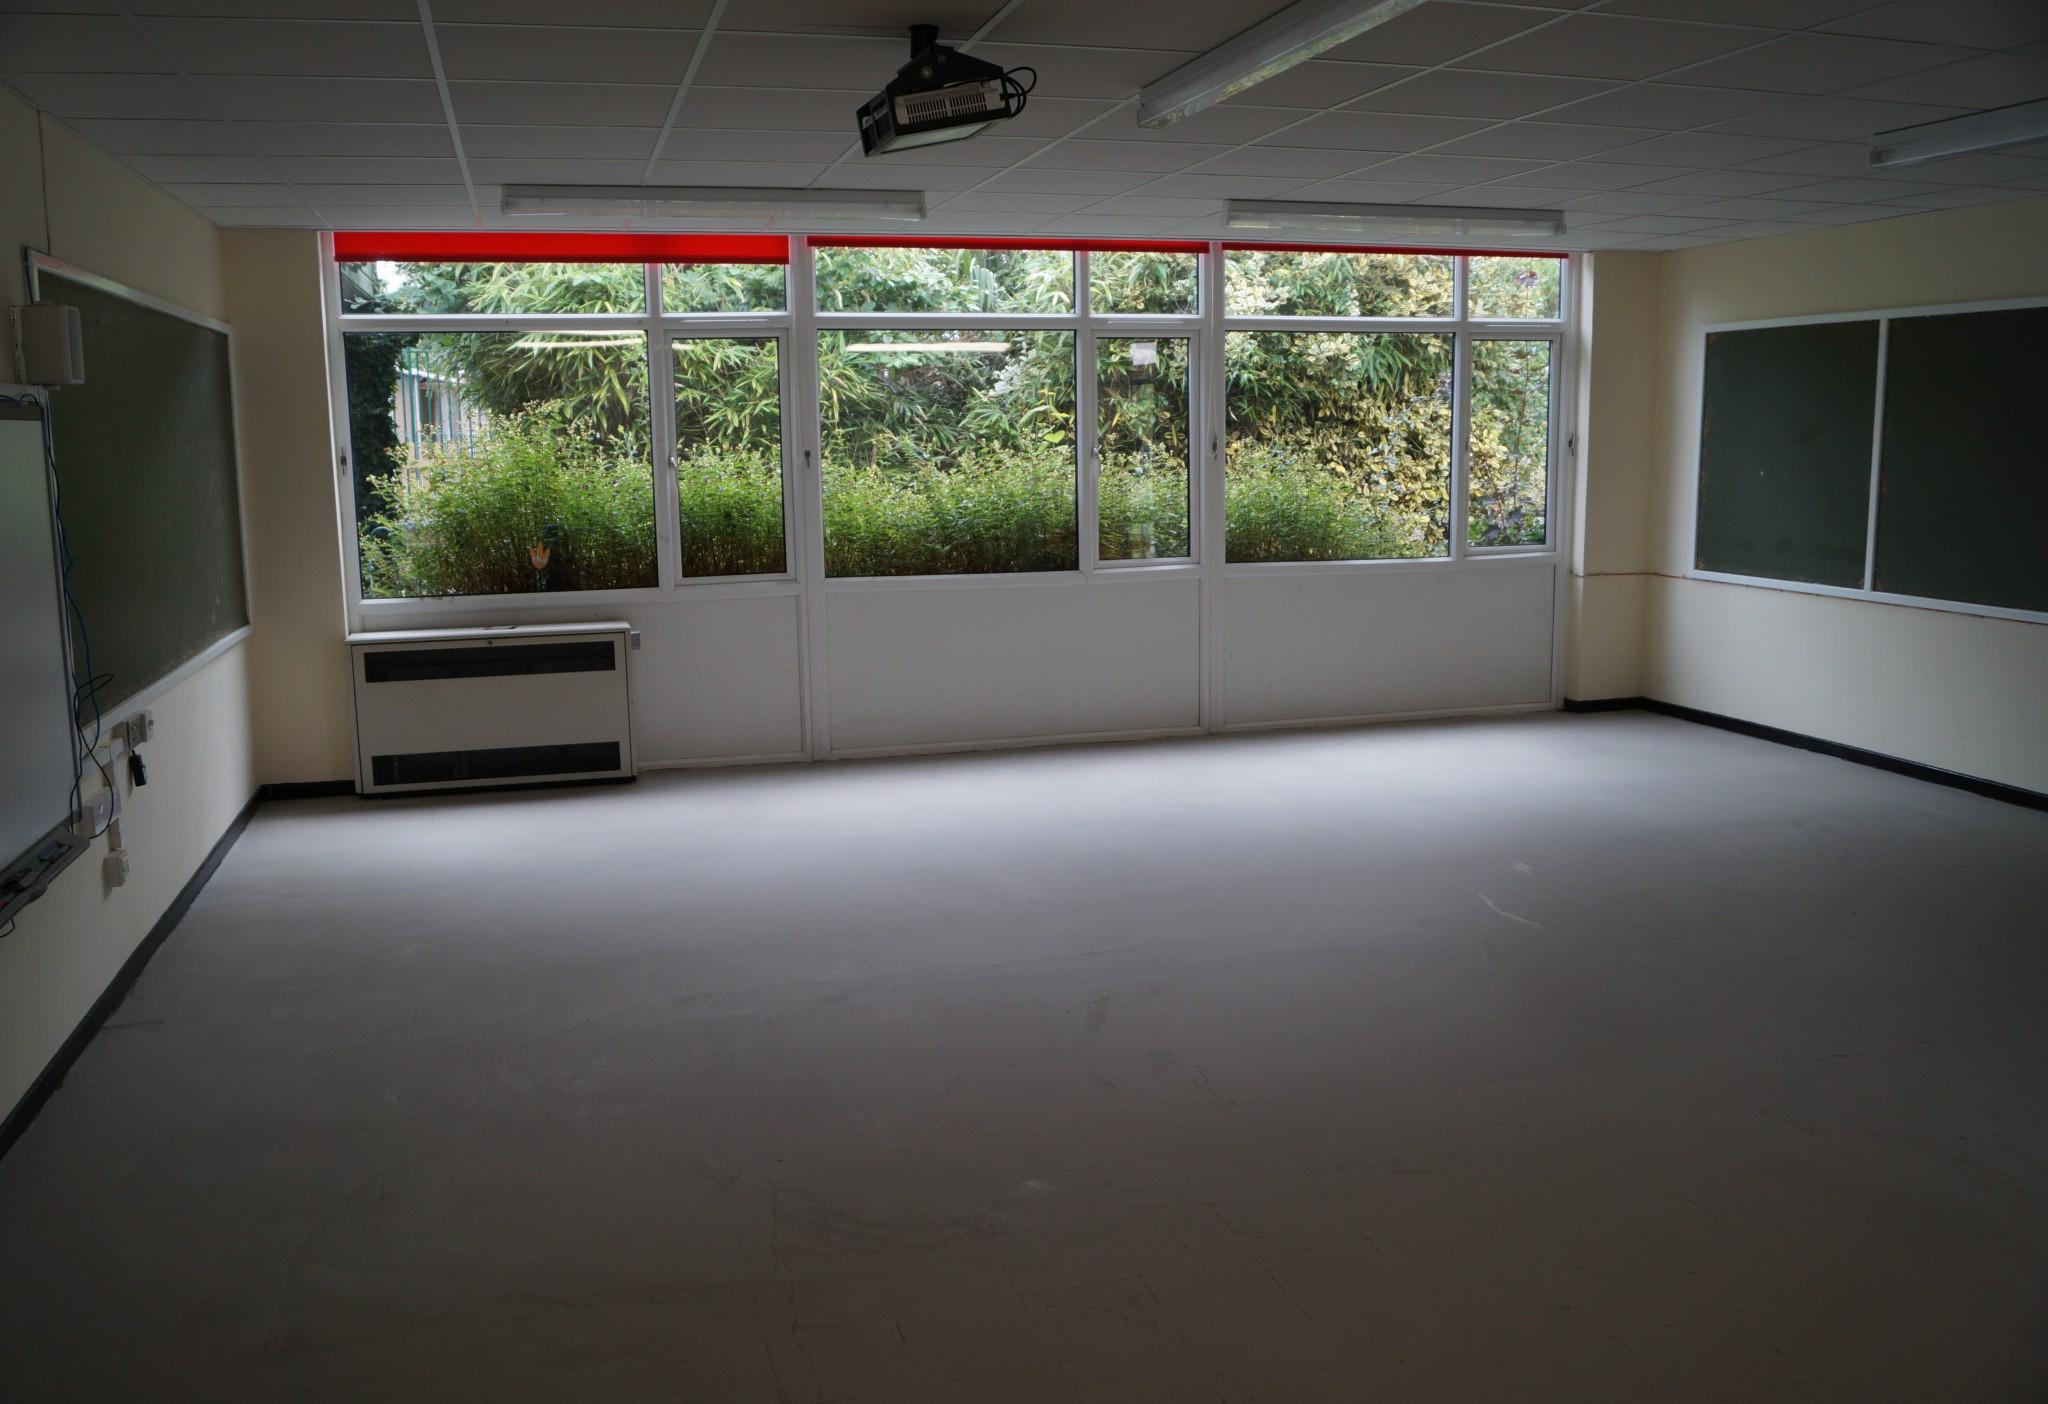 Classroom Refurbishments - Waller Building Services Kent